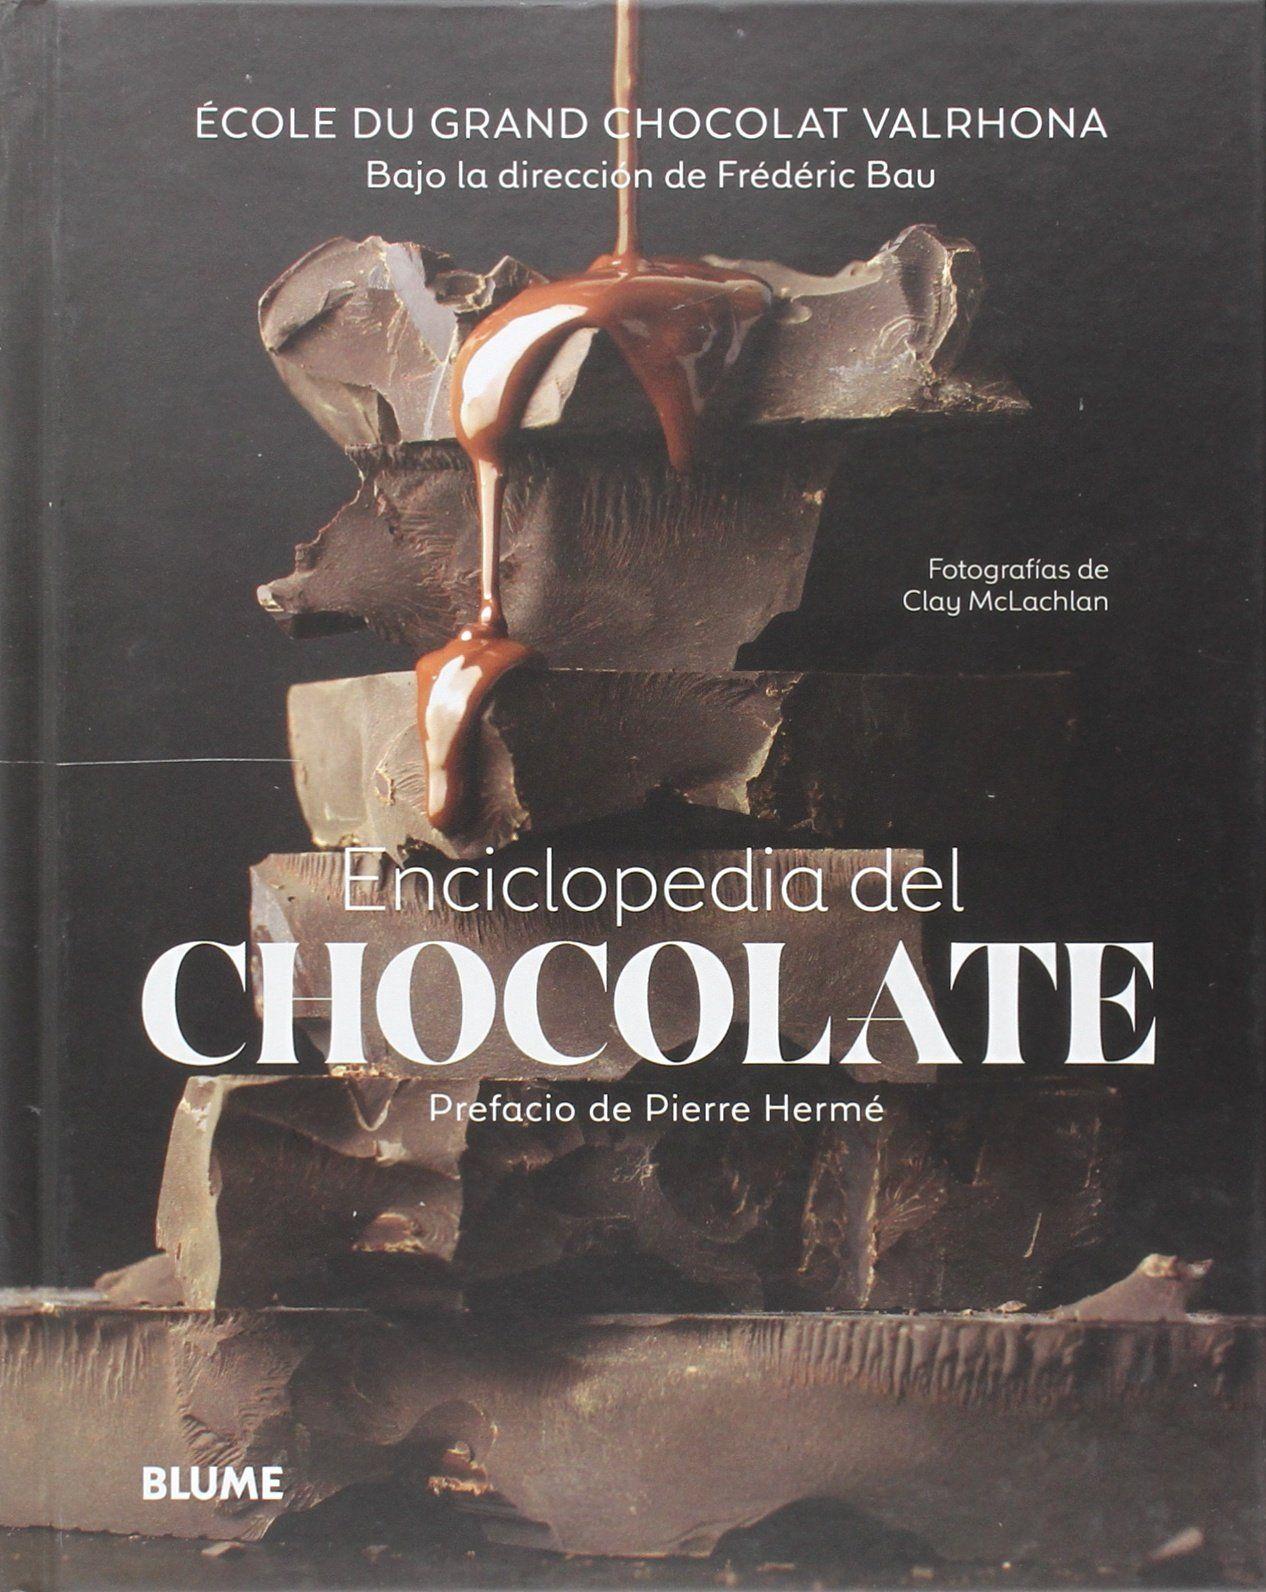 ENCICLOPEDIA DEL CHOCOLATE